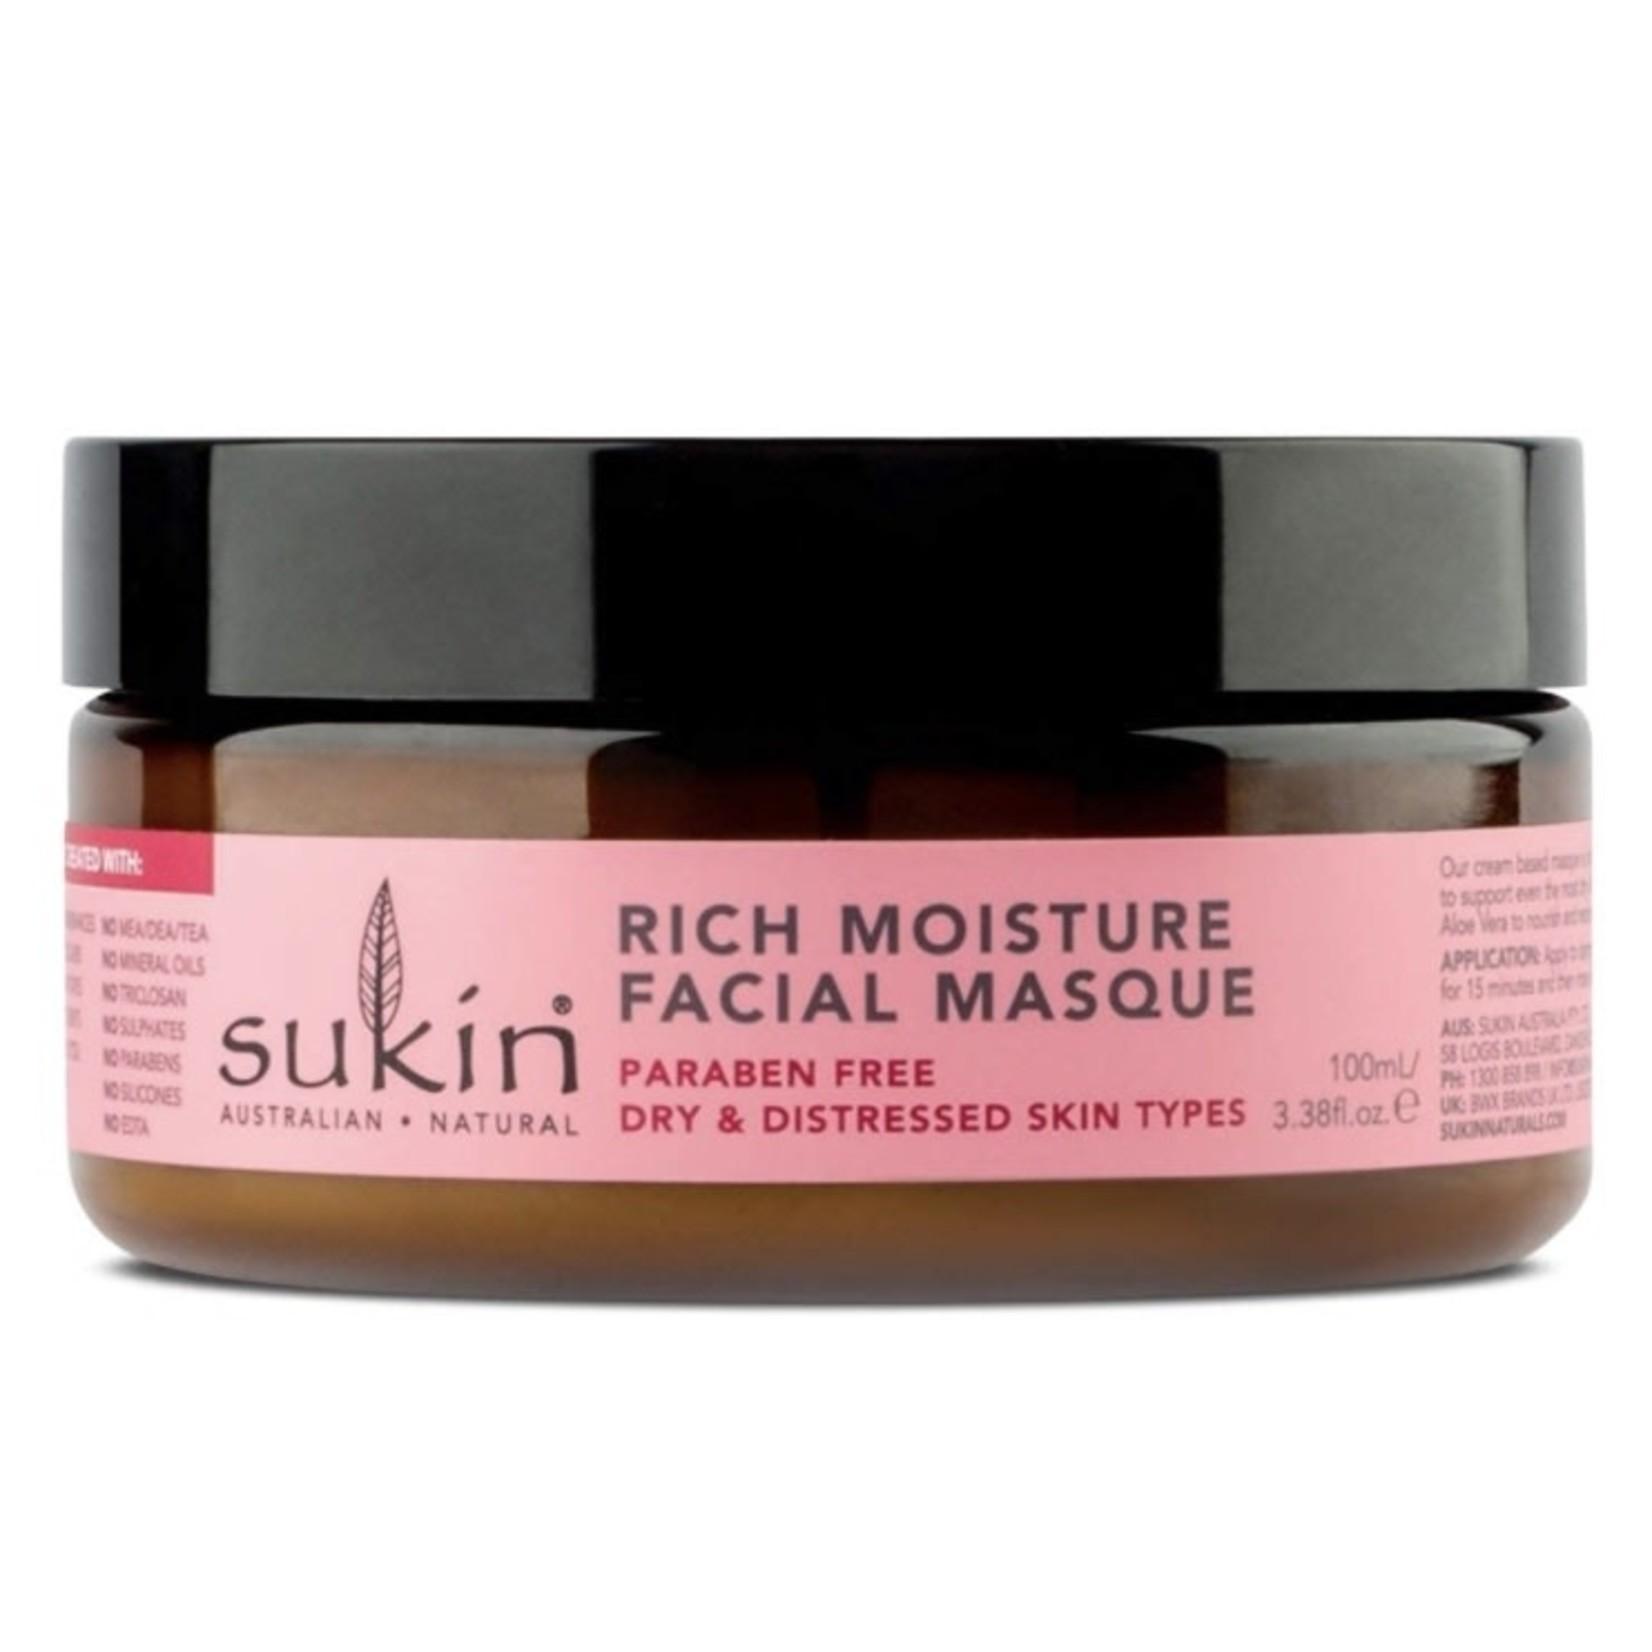 Sukin Sukin Rosehip Facial Masque 100ml